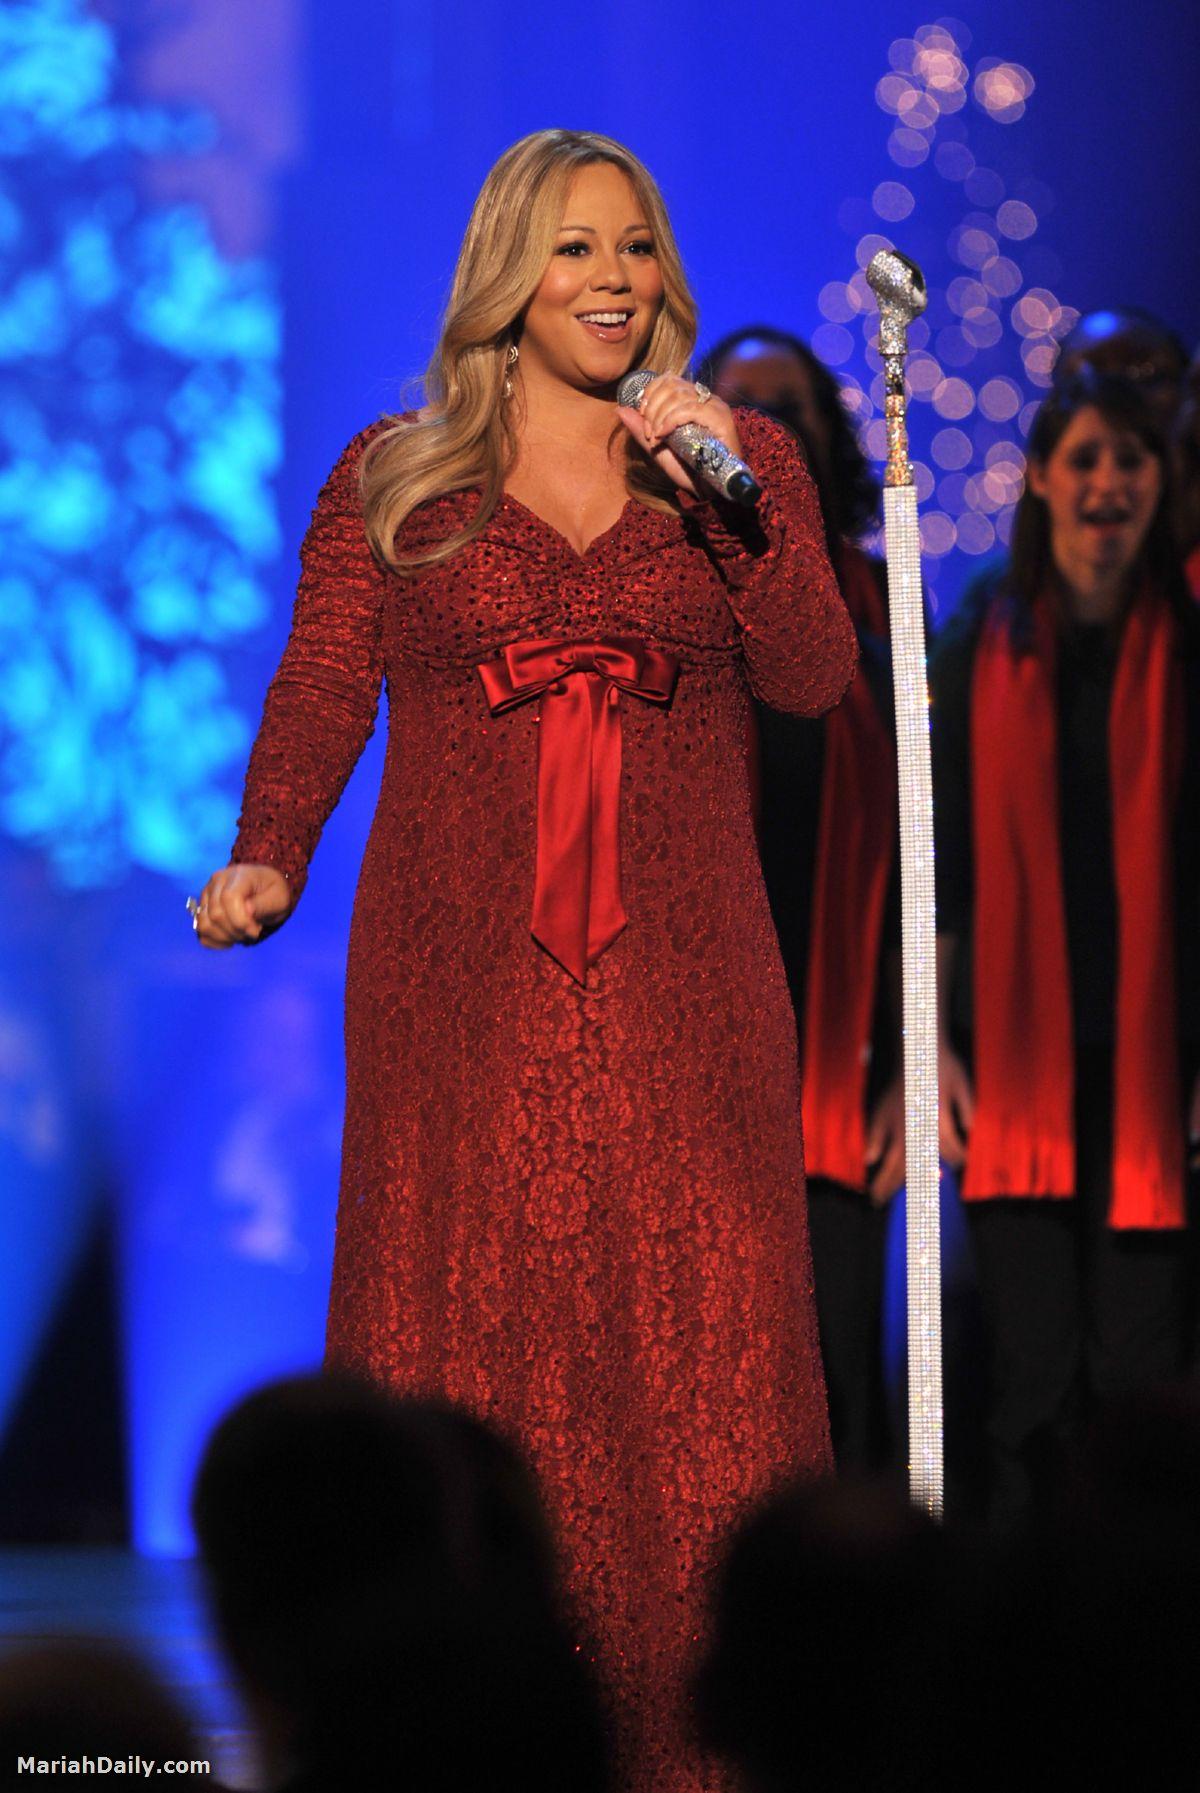 Mariah Carey Performs ... Mariah Carey Merry Christmas